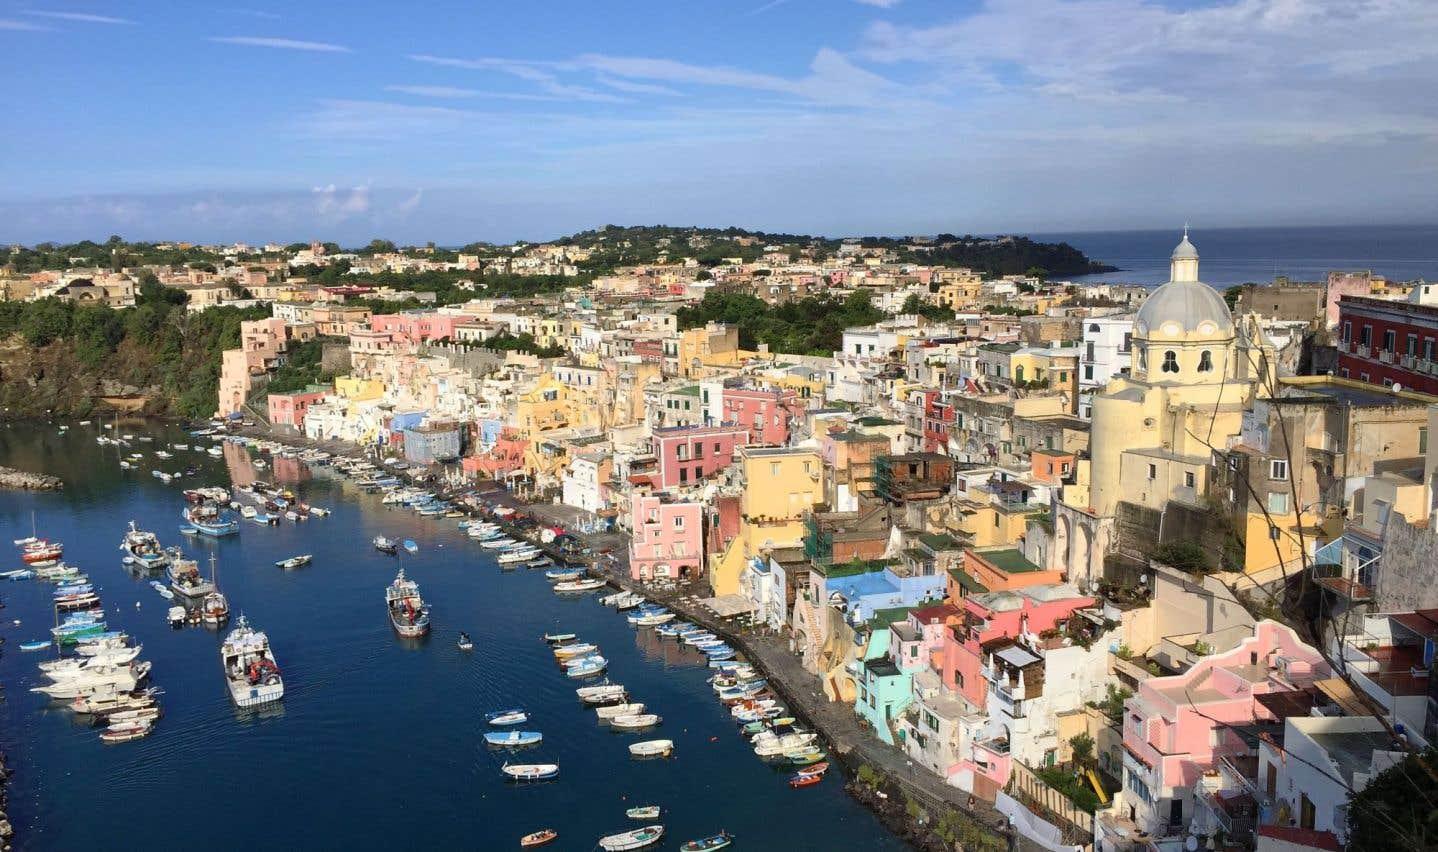 La minuscule Procida est blottie dans la baie de Naples, à l'écart de ses plus célèbres voisines, Ischia, et surtout Capri, la «bling-bling».